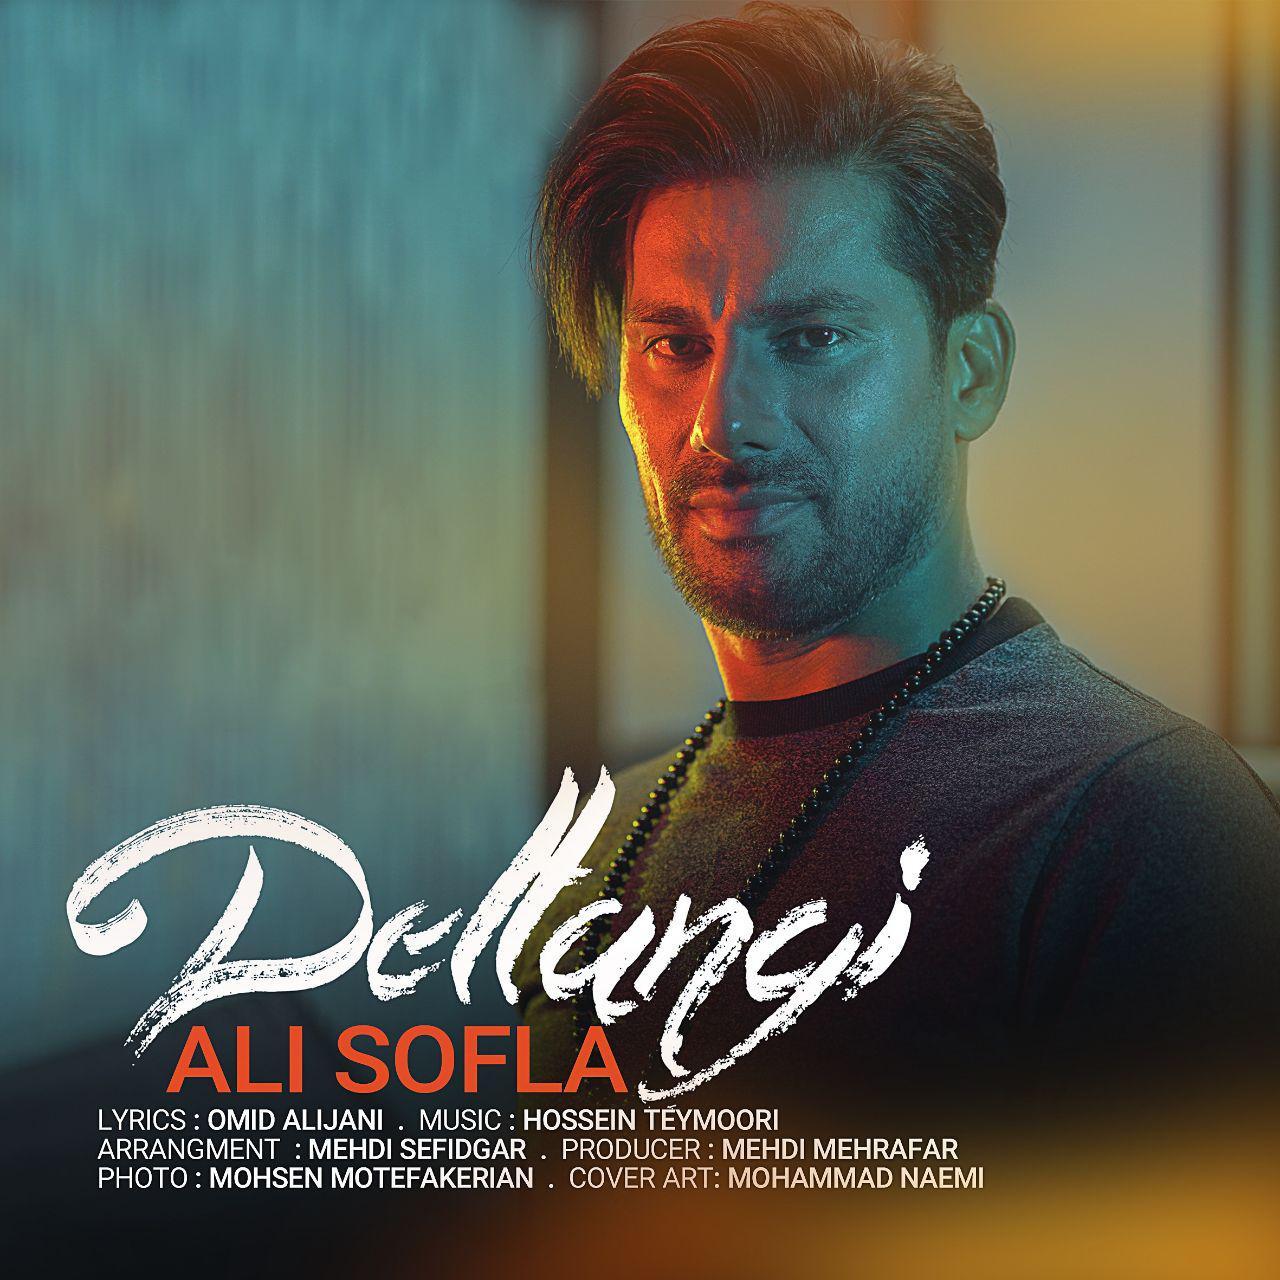 Ali Sofla – Deltangi (Bikhialy)